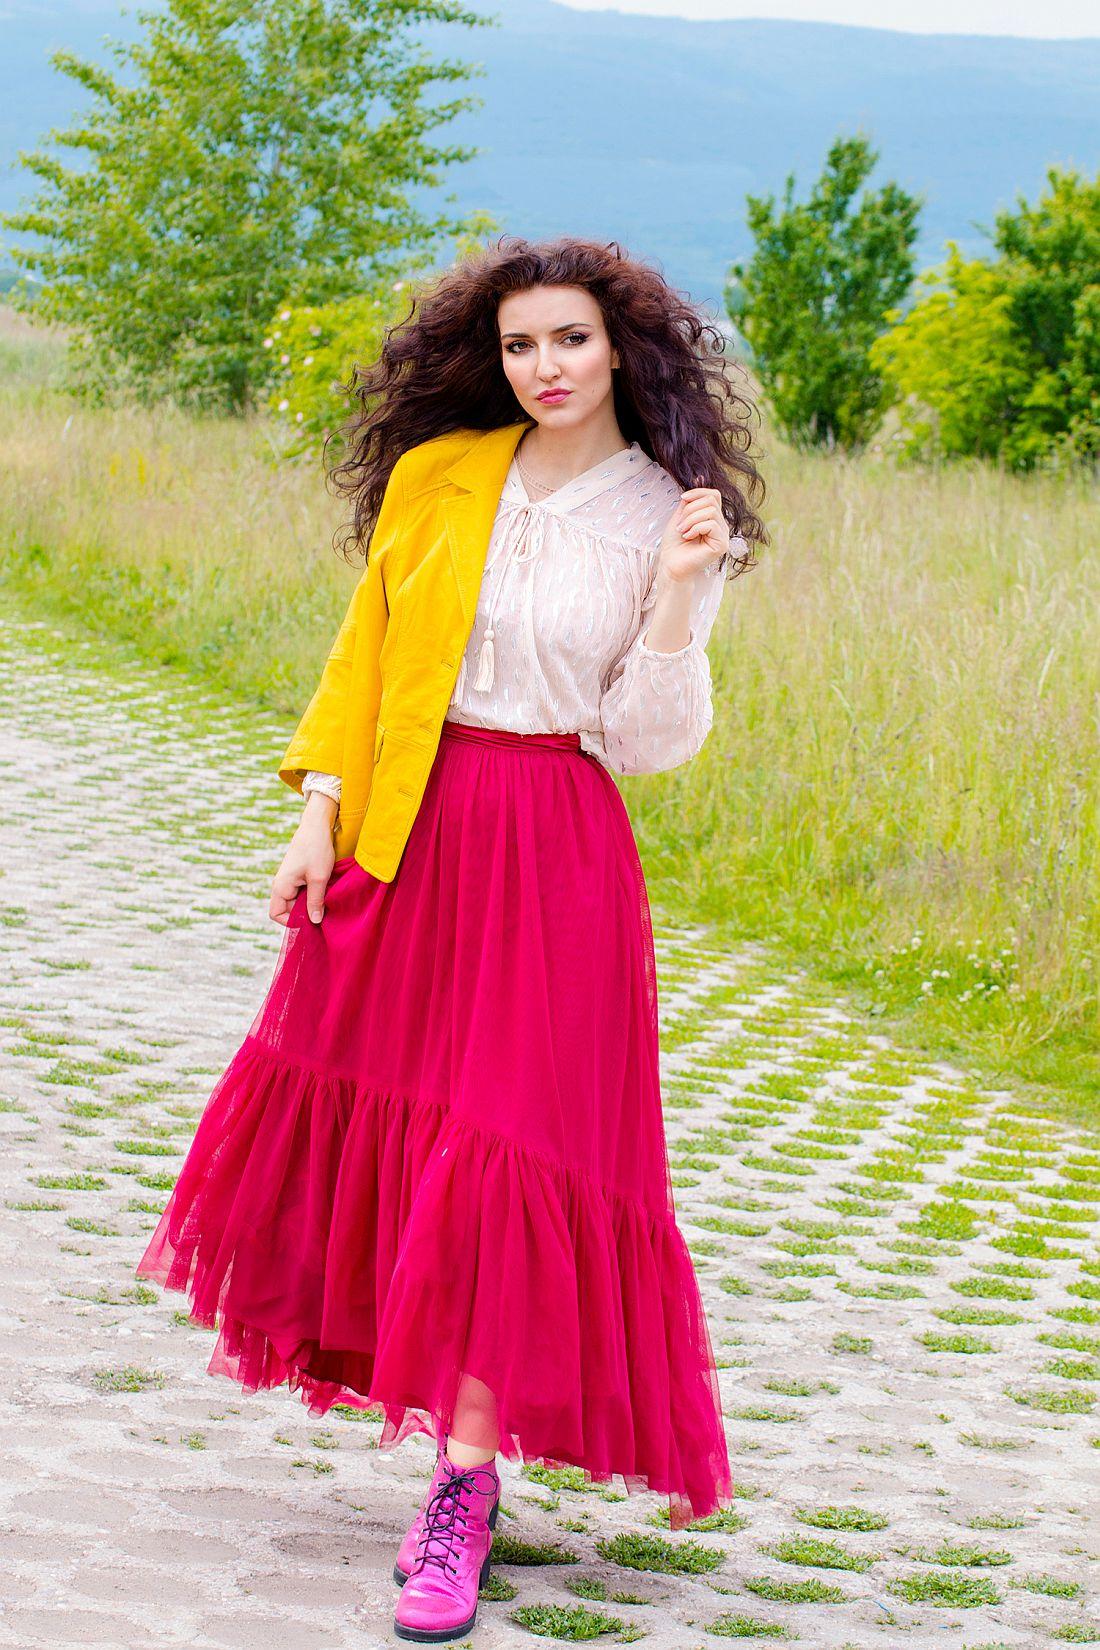 76482a441 Maxi volánová sukňa – jarná farebná inšpirácia s koženými bundami a  farebnými sakami